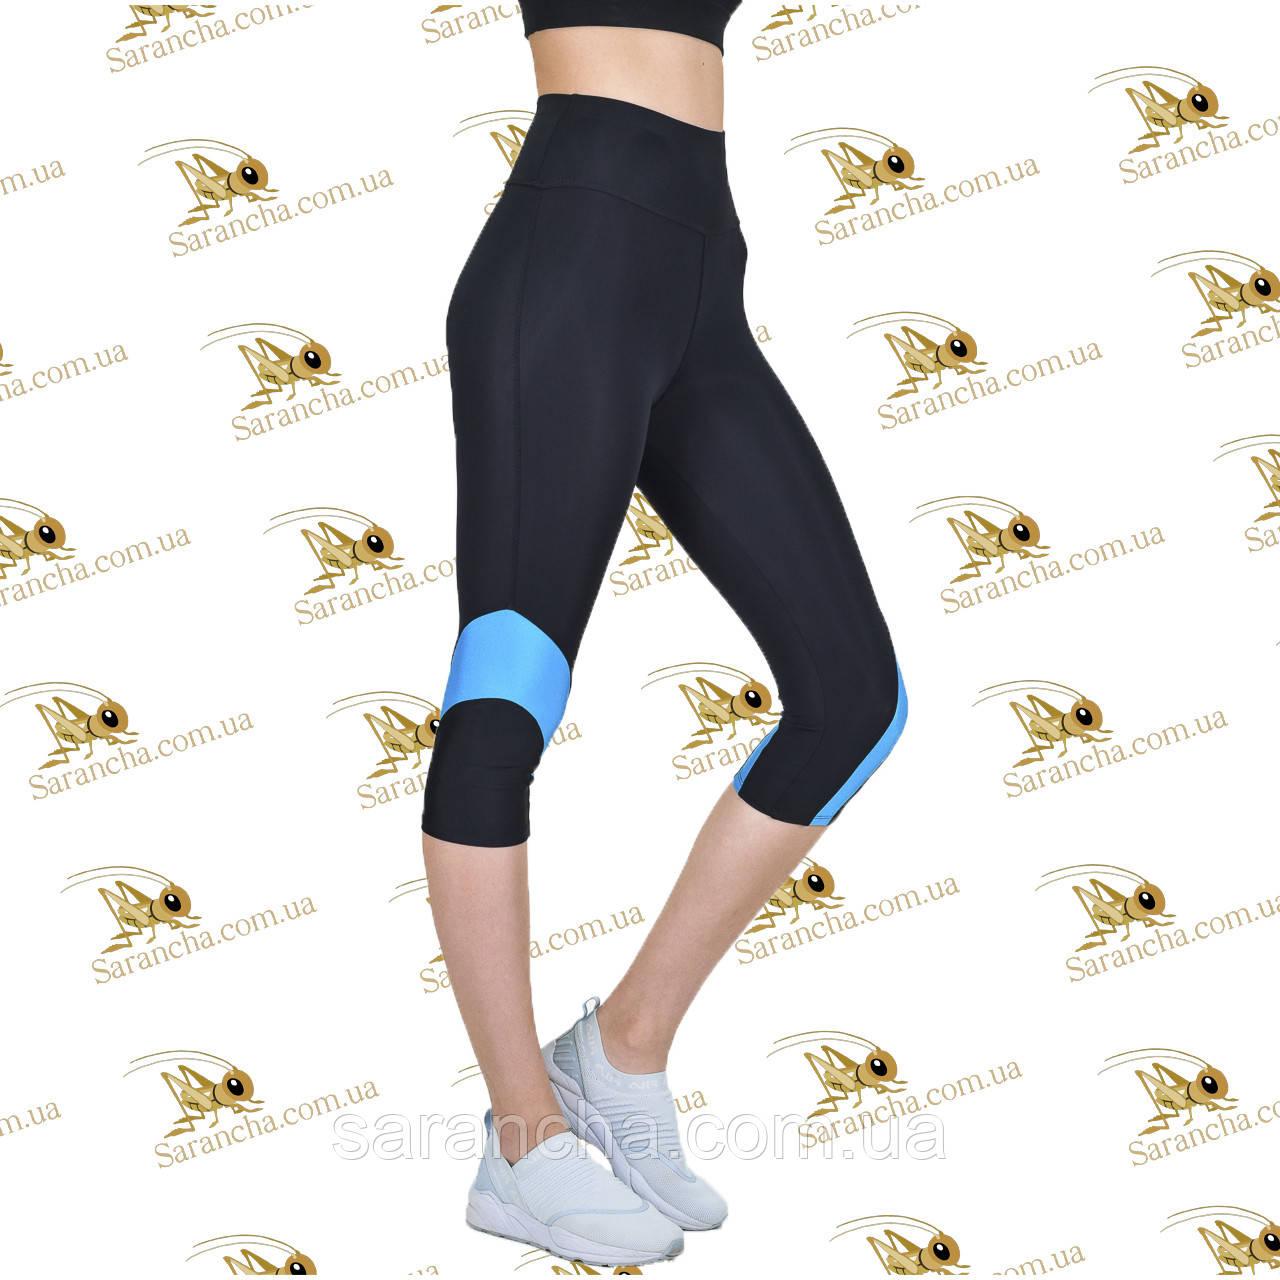 Жіночі спортивні чорні бриджі з блакитними вставками розміри від 42 до 52